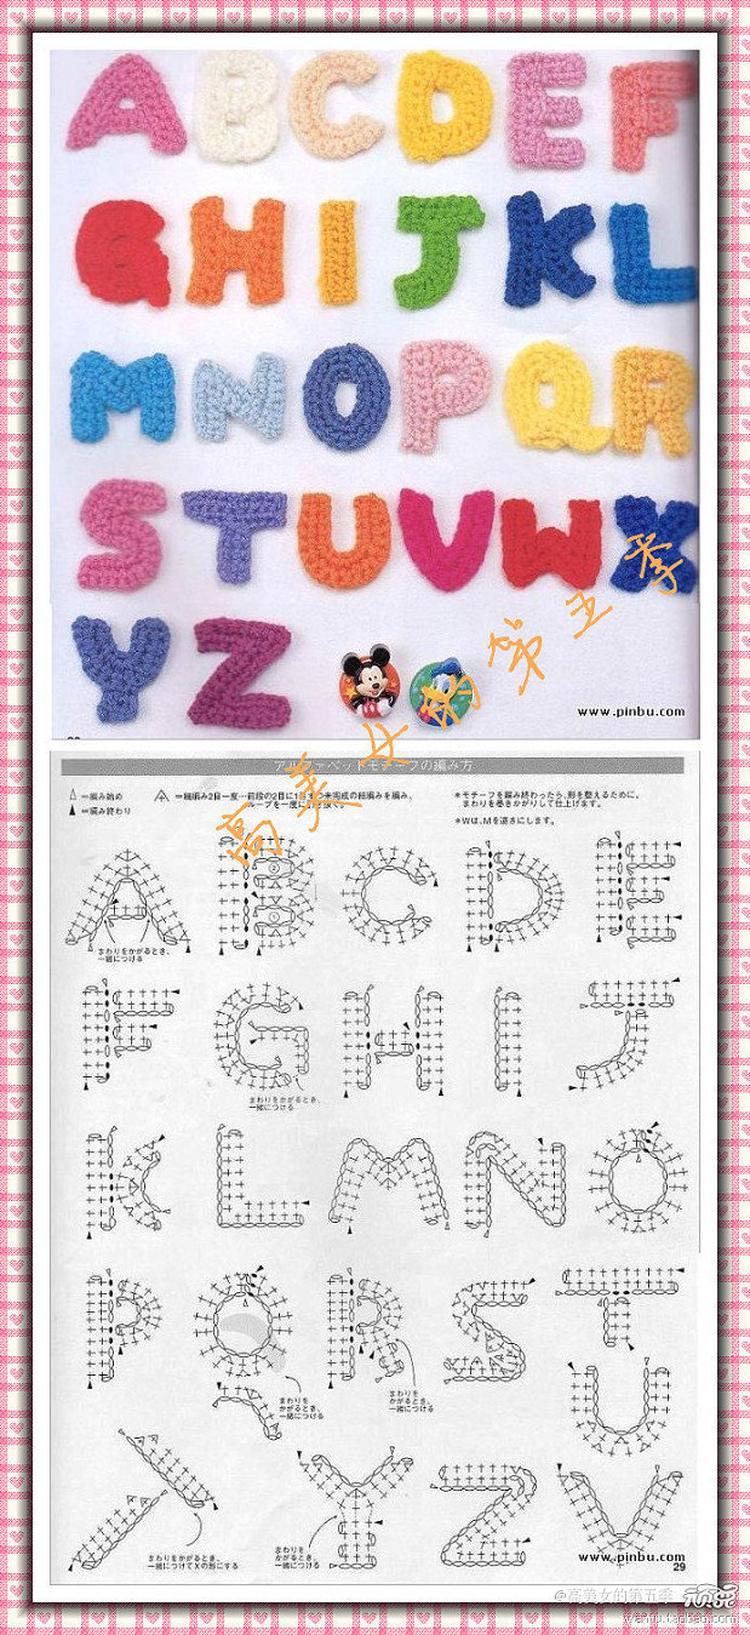 Alfabet Haken Kleine Letter A Tot Z Foto Geplaatst Door Eagletje62